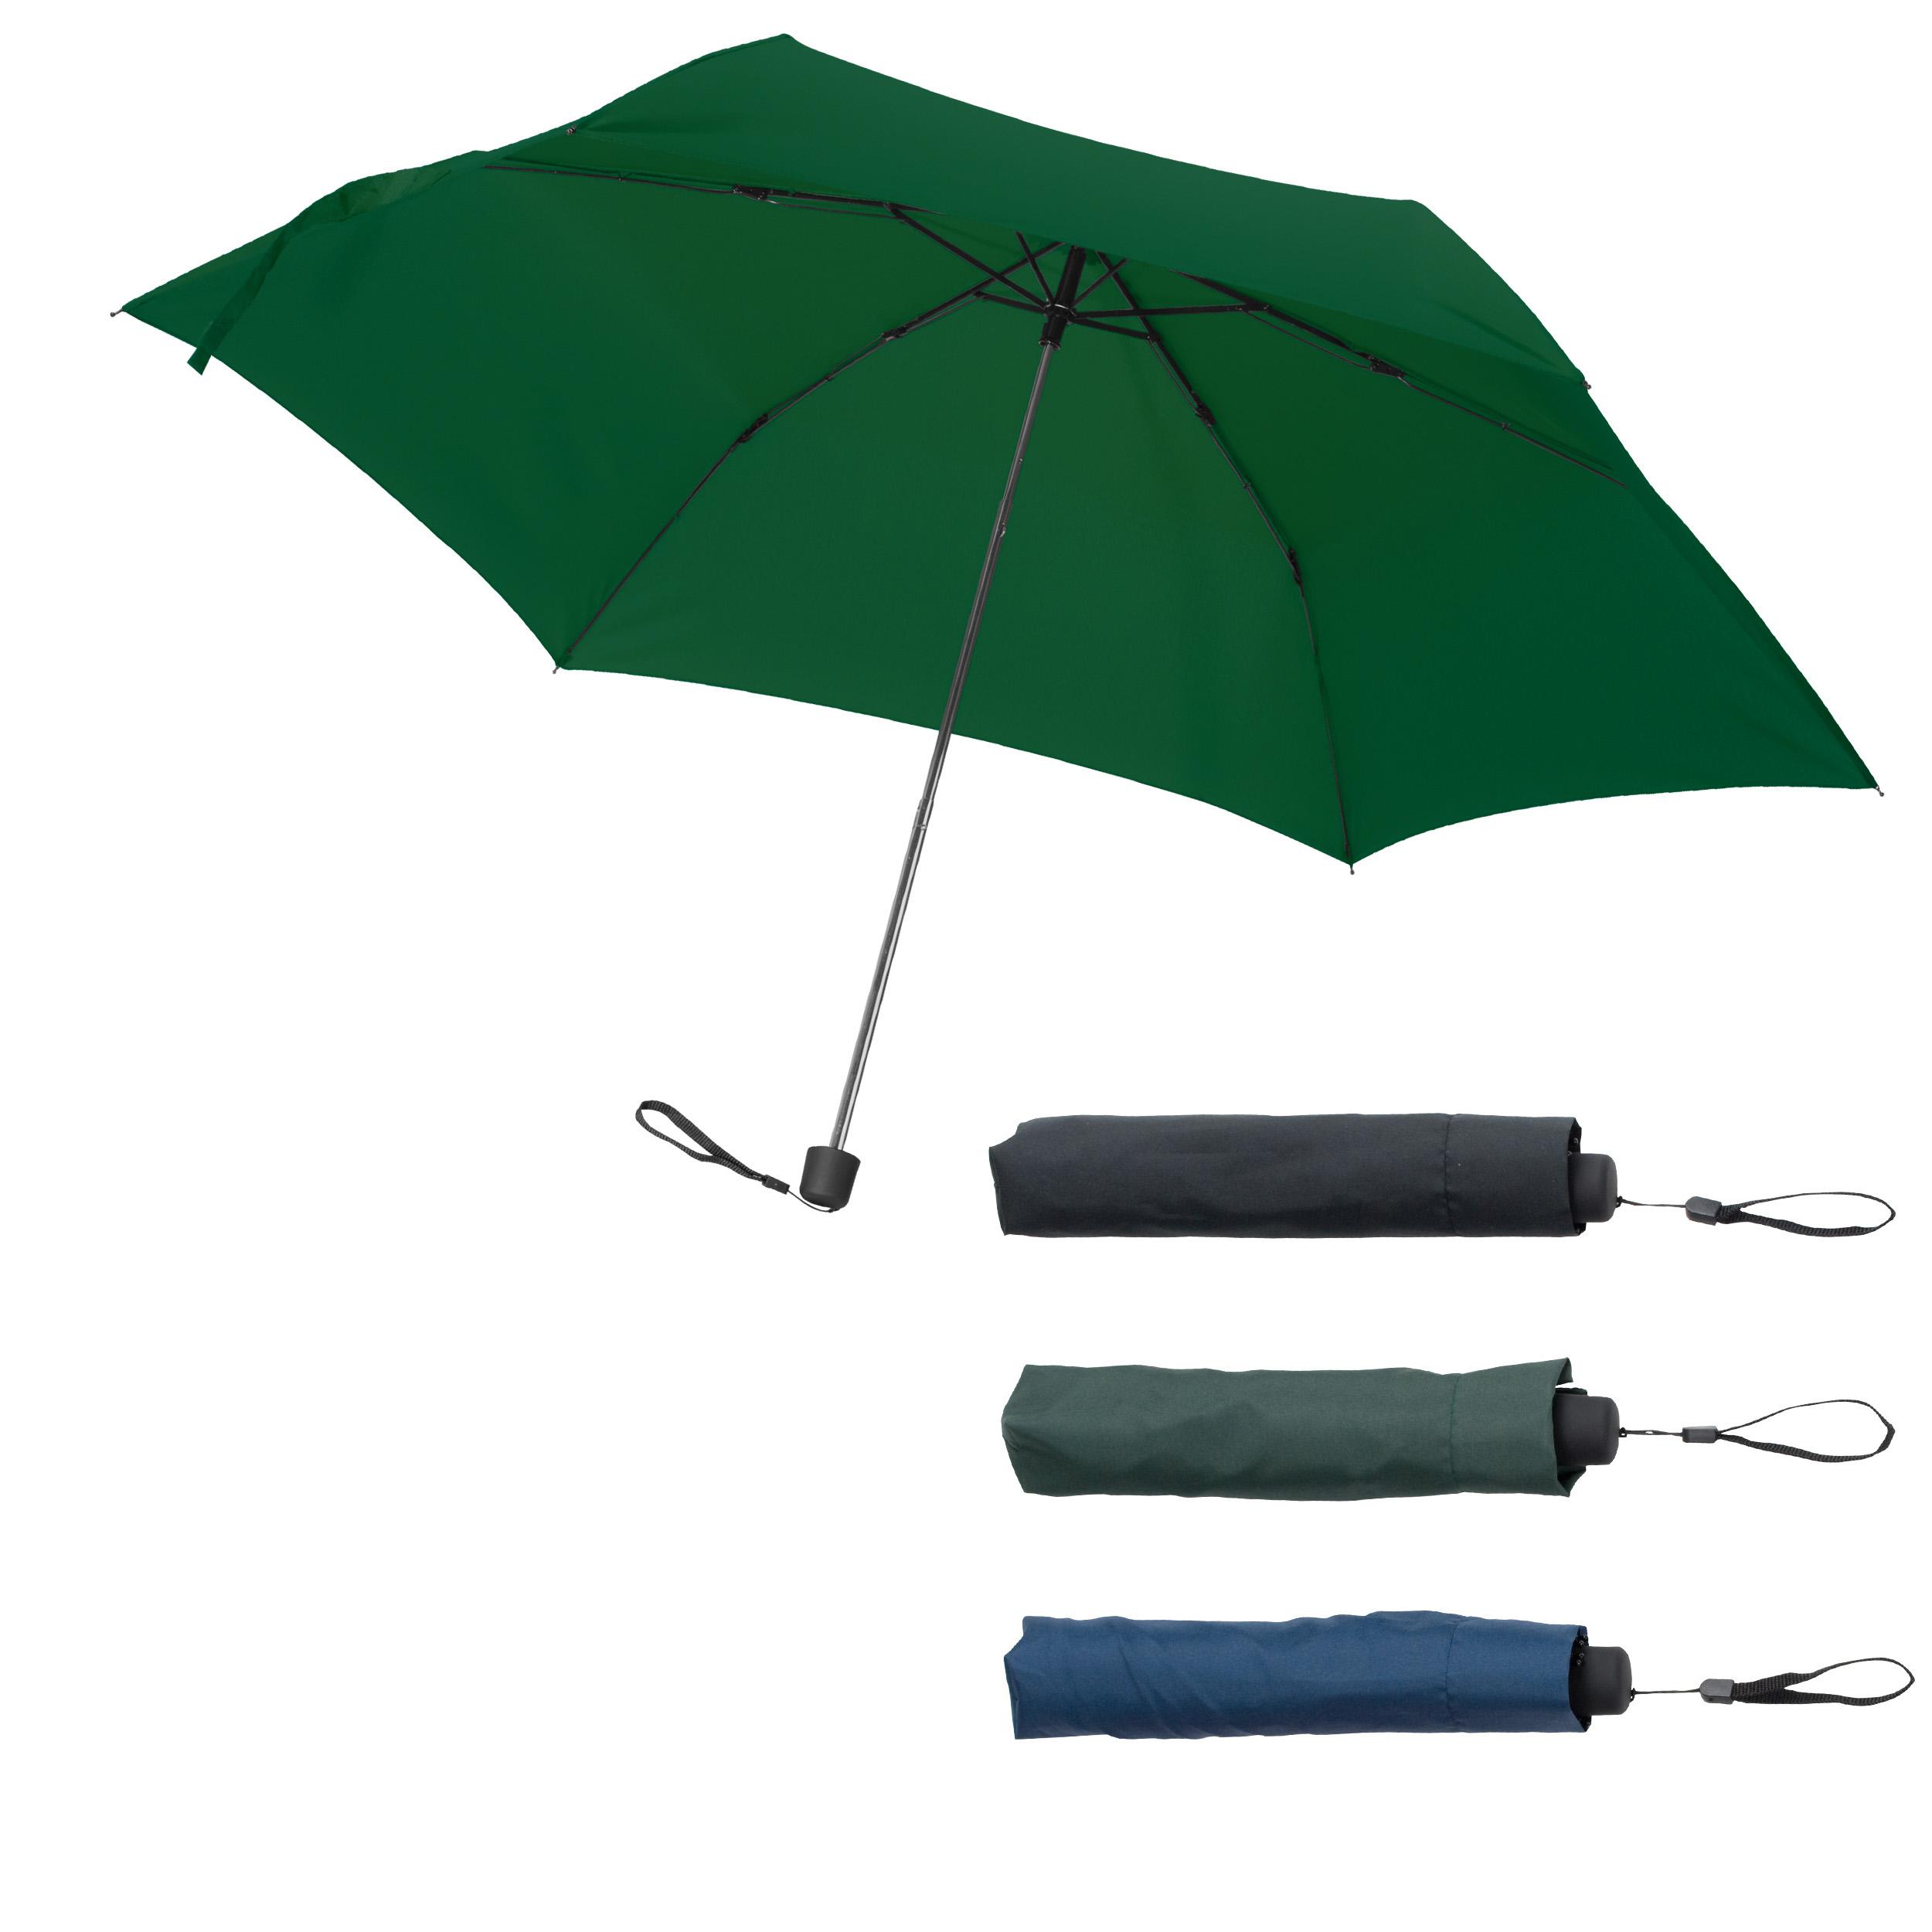 Mini-parapluie avec housse et poignée caoutchoutée